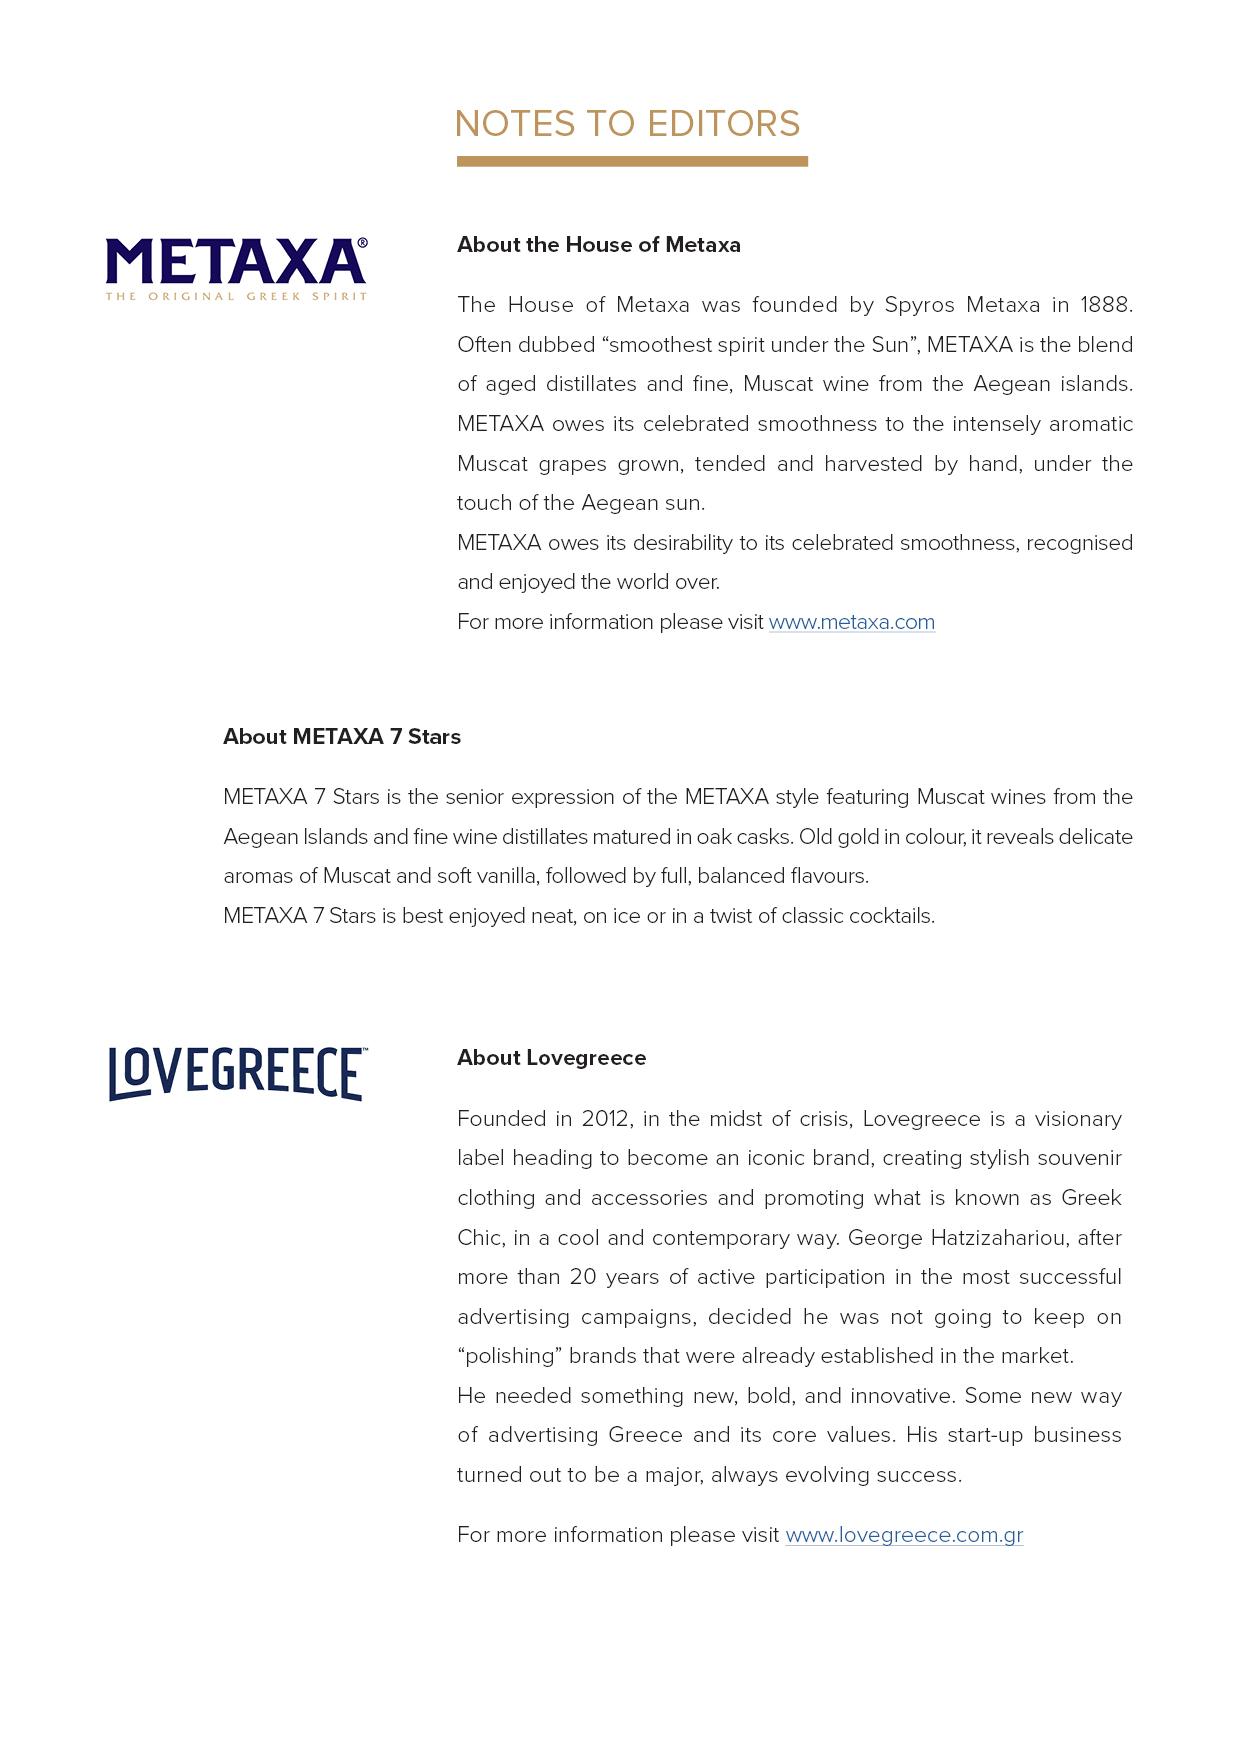 MetaxaLoveGreece-PressRelease-WebSite_LG_F15